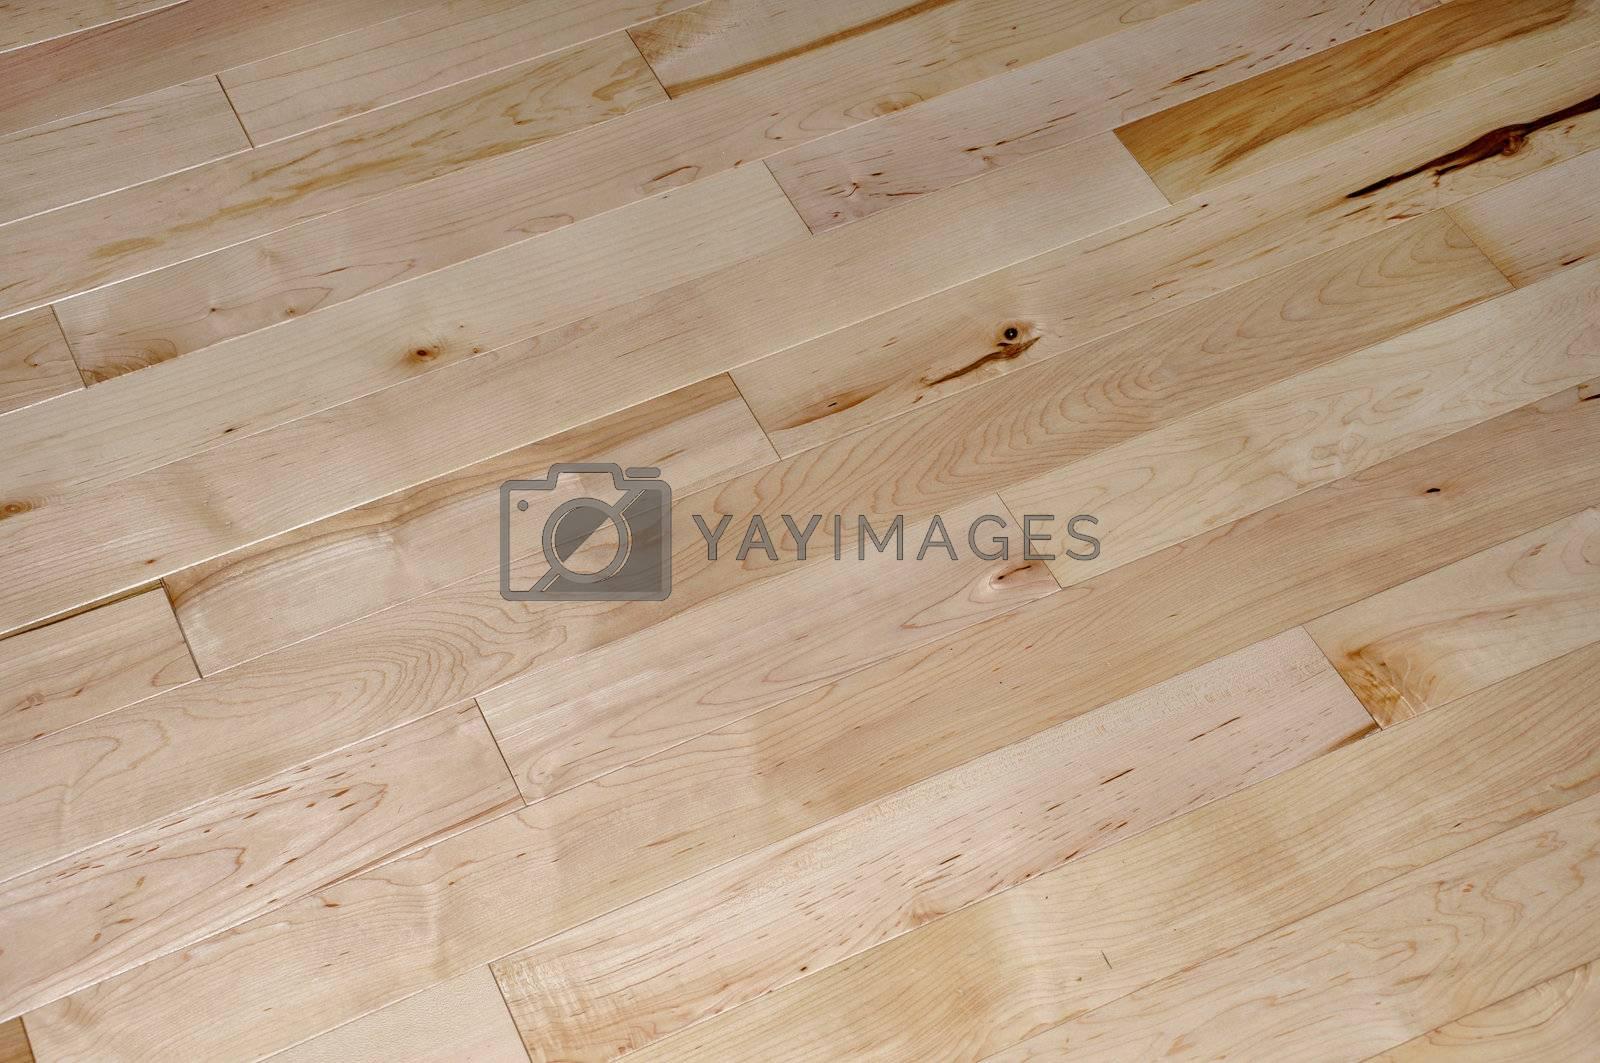 abstract view of an indoor hardwood floor